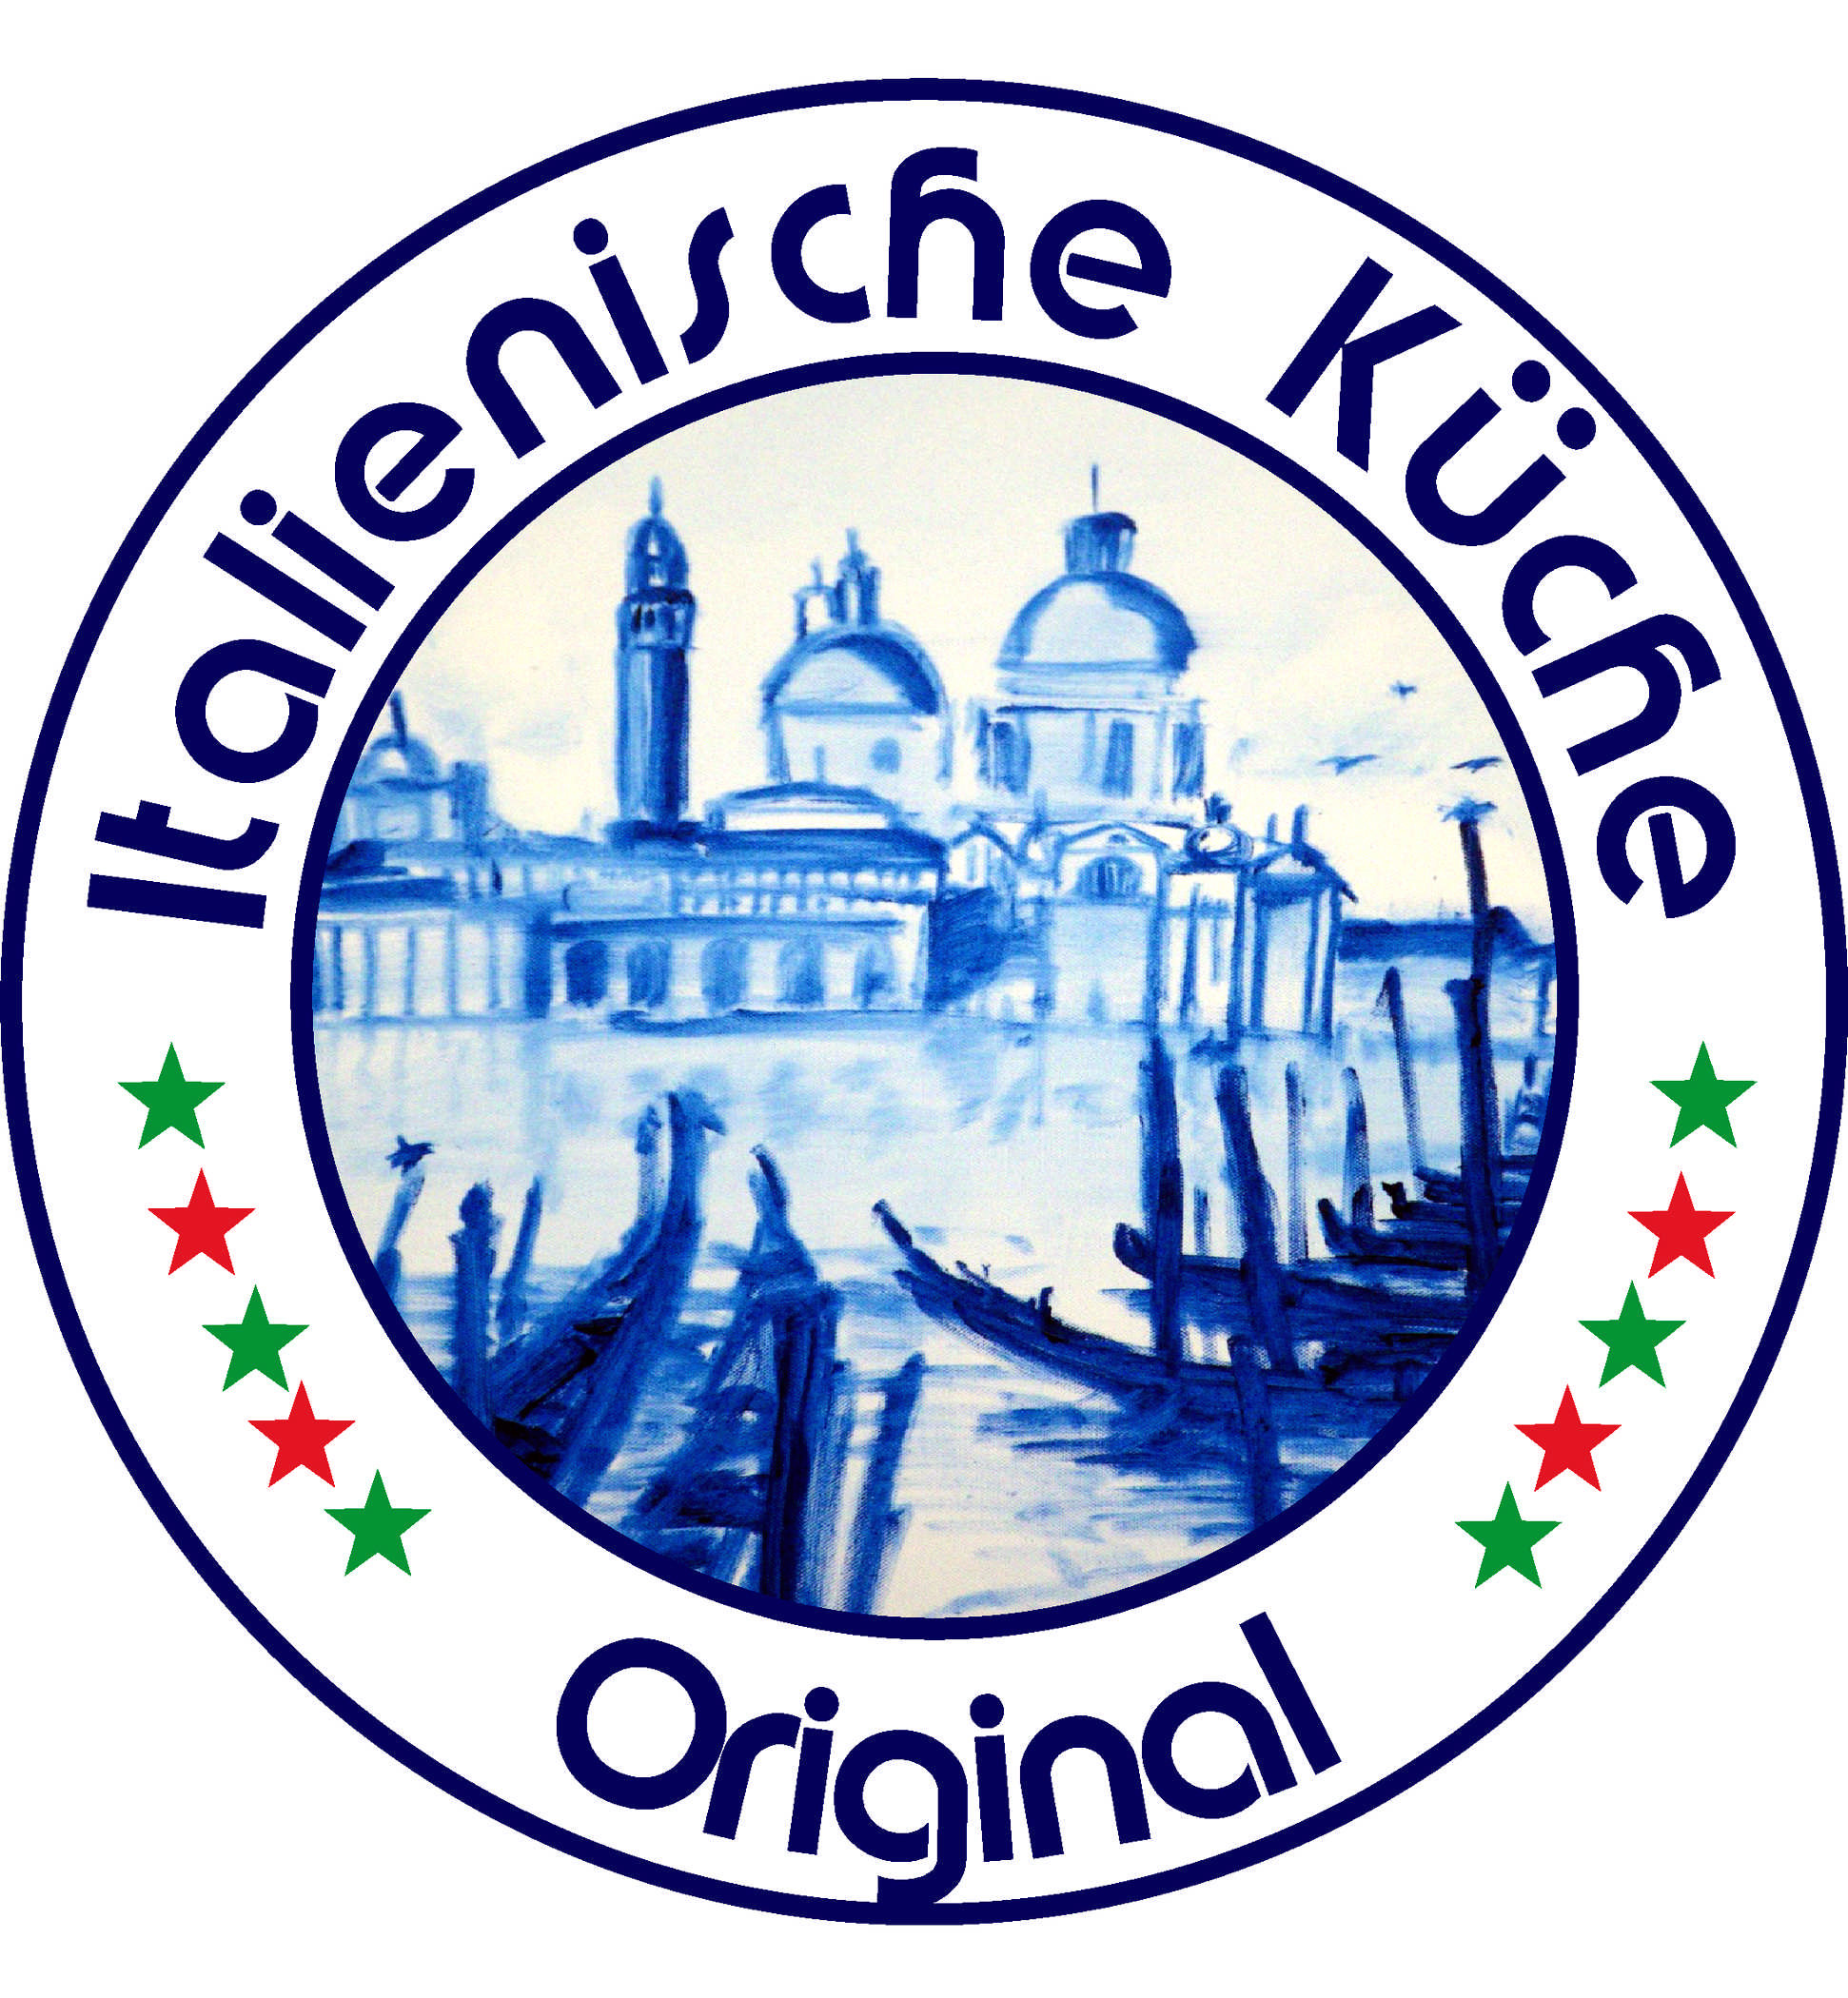 Logo Italienische Küche original Van Gogh - Oil Paintings Wallpapers